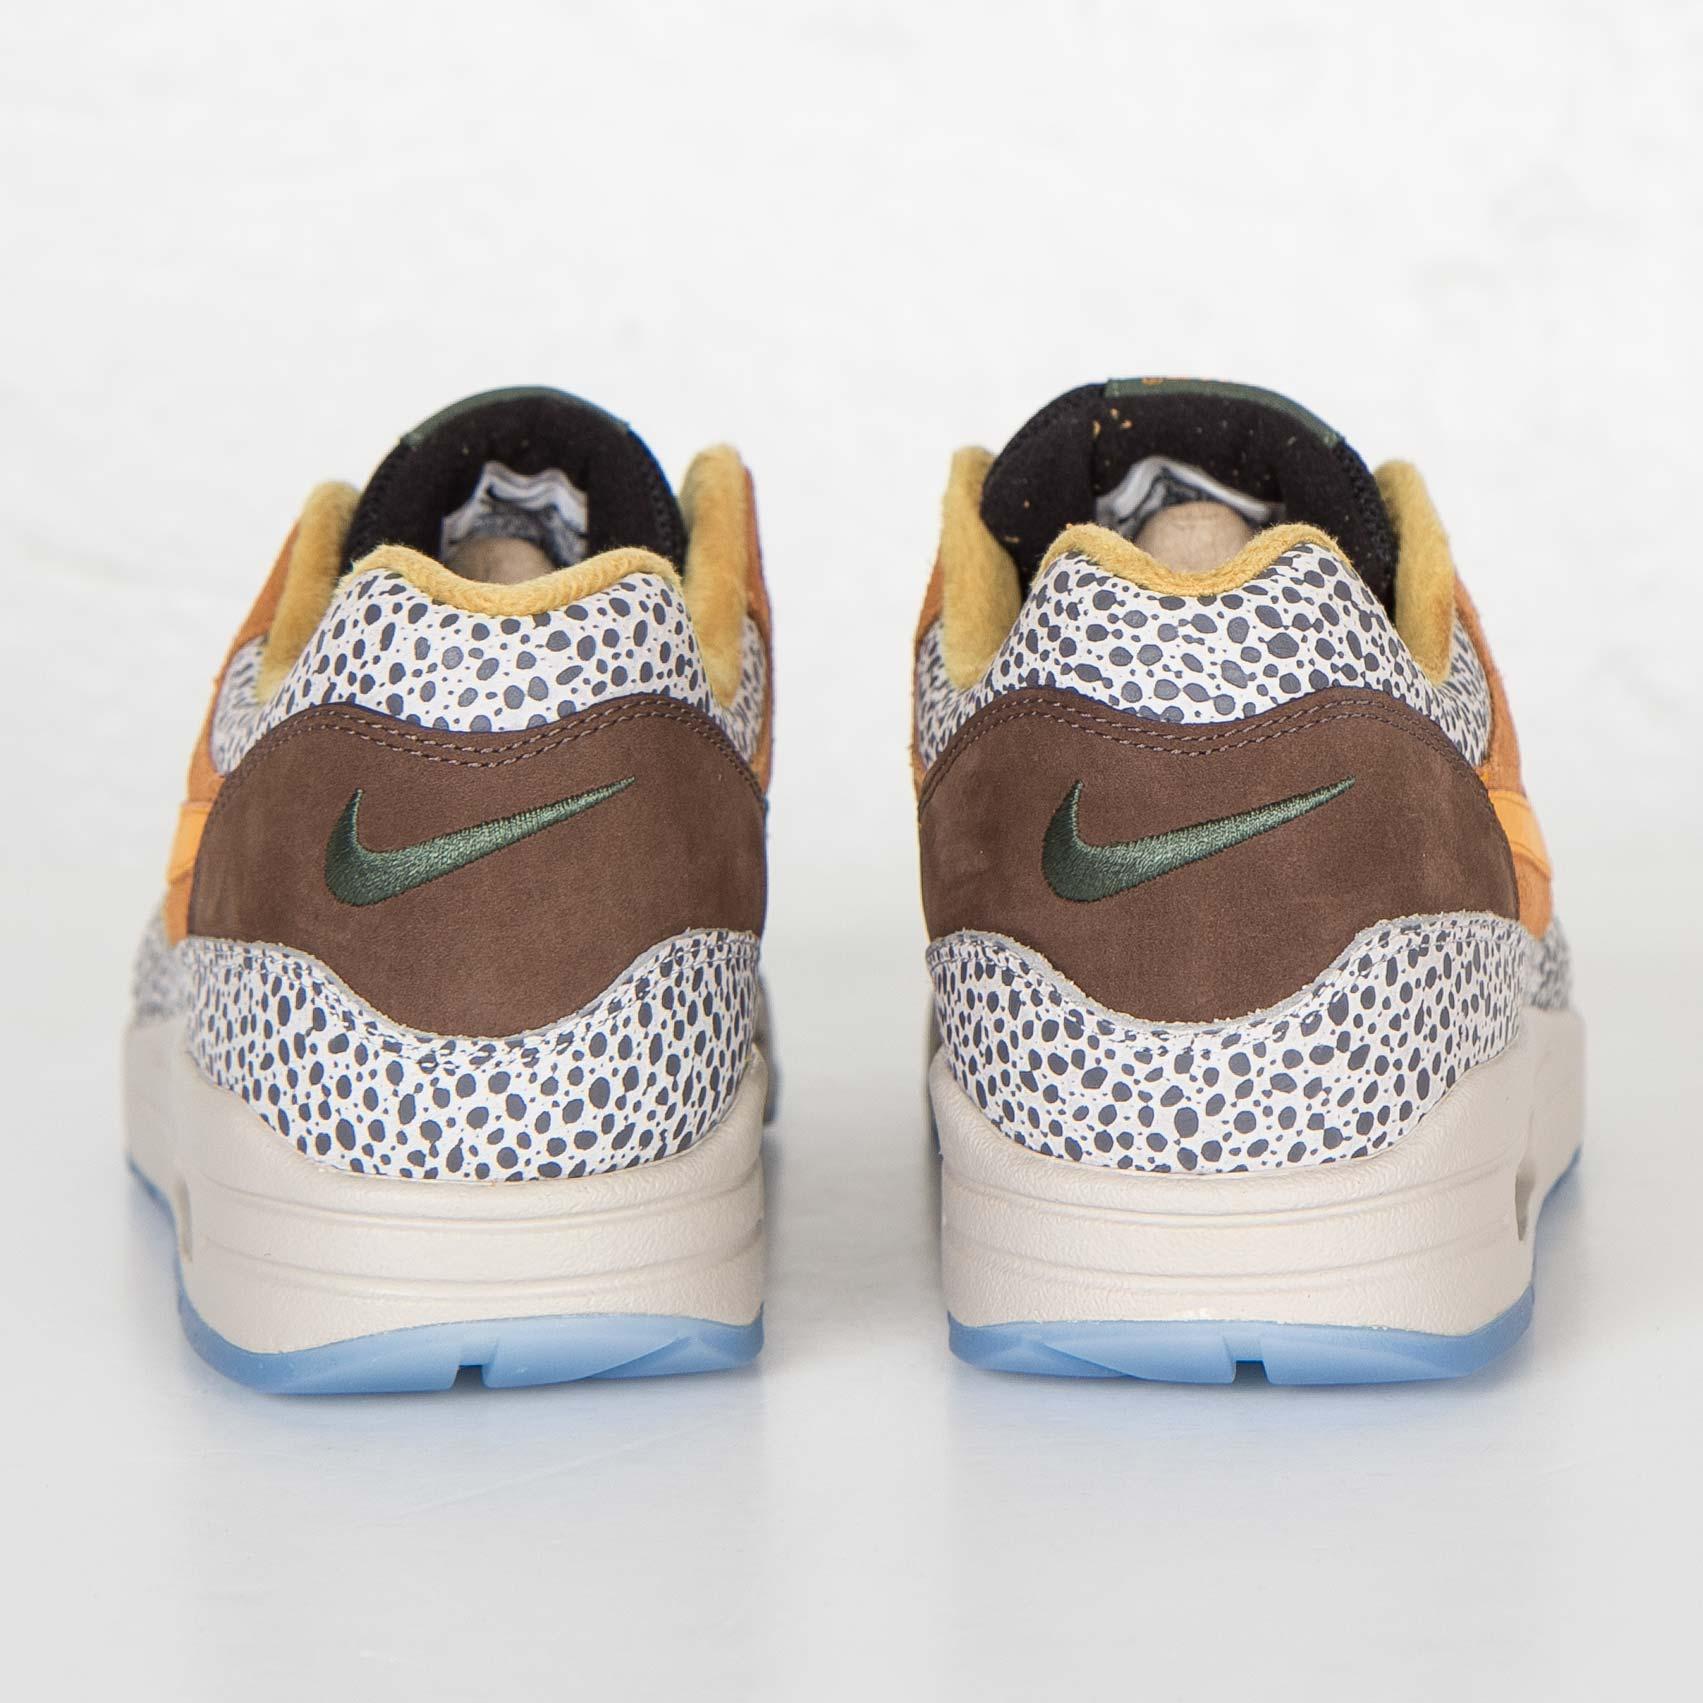 Mens Nike Air Max 1 Premium QS FlaxKumquat Chestnut